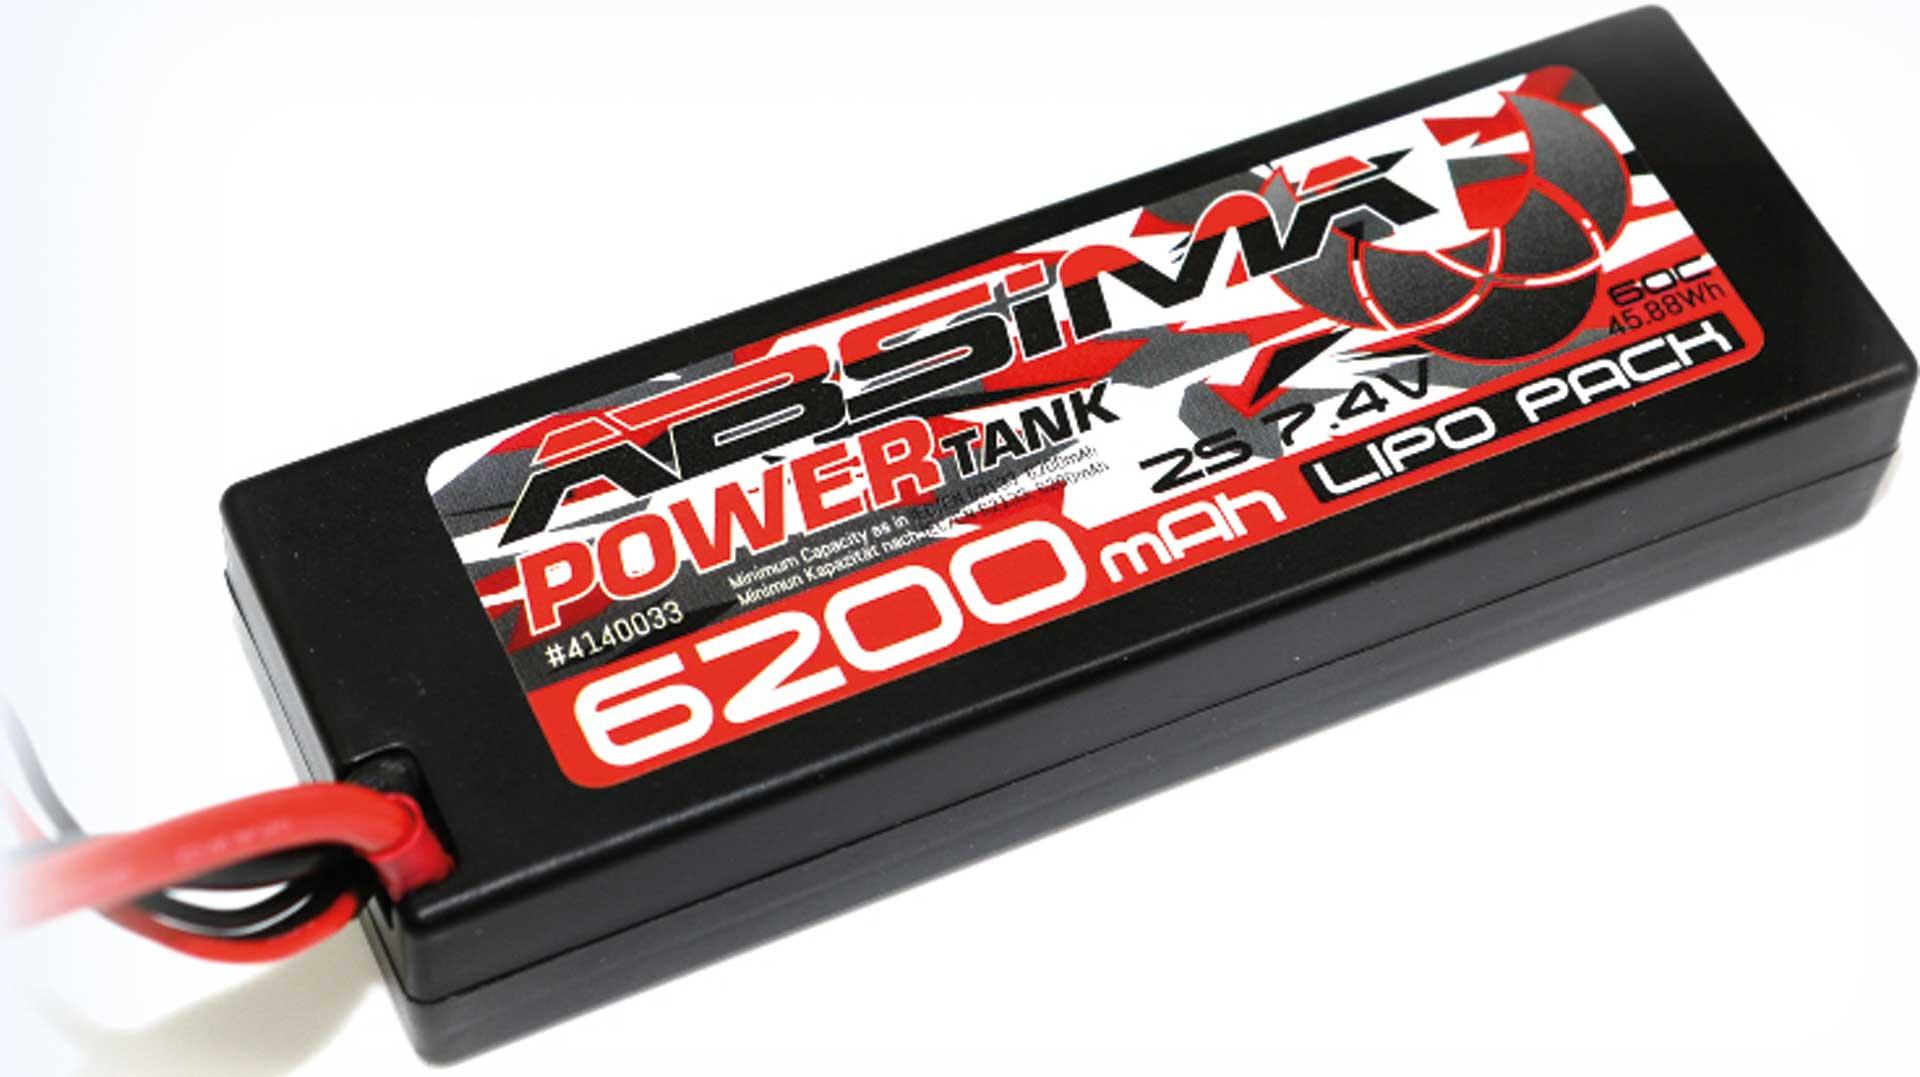 Absima Power Tank LiPo Stick Pack 7,4V 60C6200mah Hardcase (XT90-Plug)